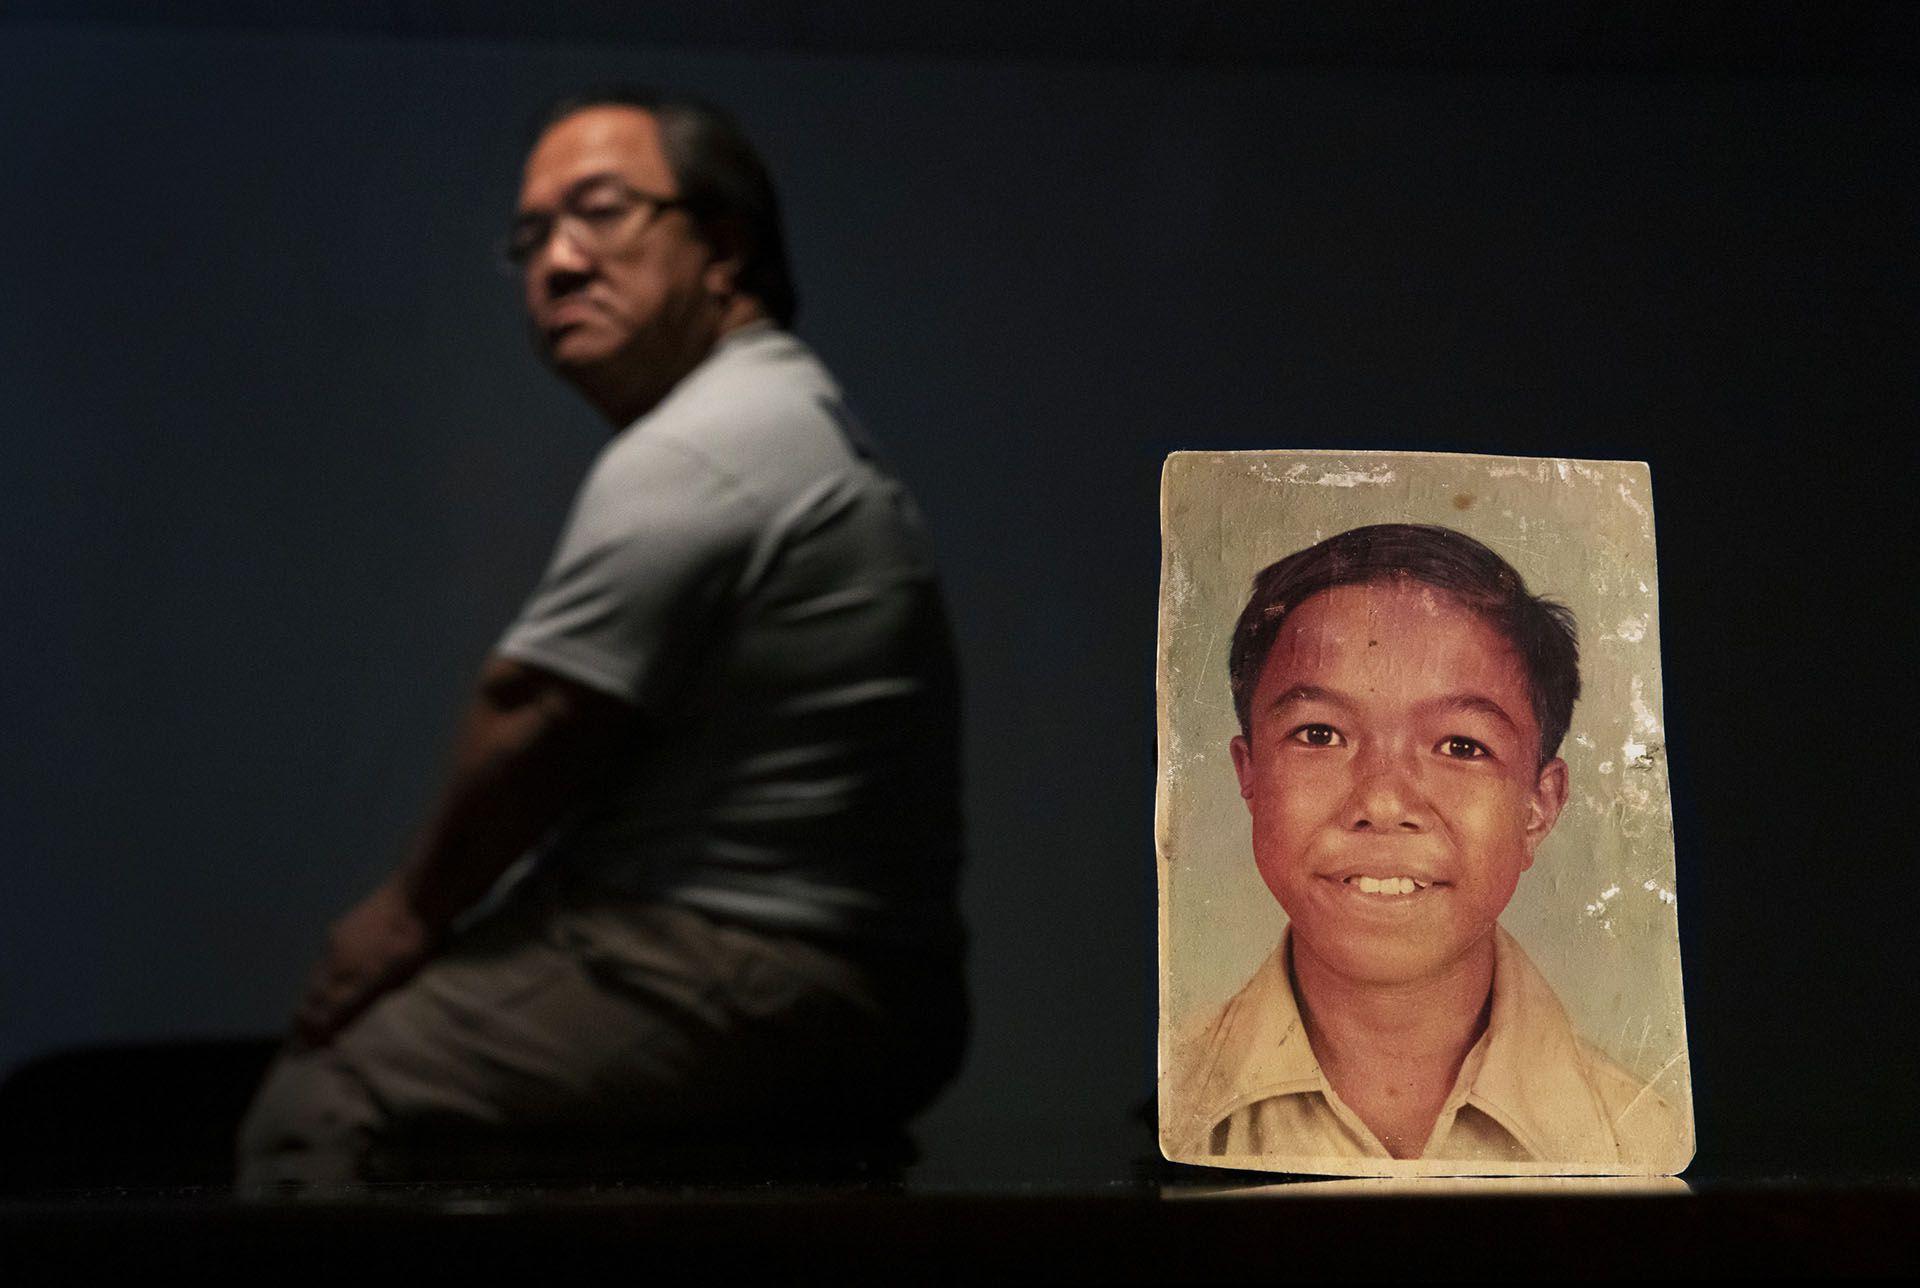 Una víctima de abuso sexual identificado con las iniciales C.M.V., 58,junto a una foto suya de cuando era niño, enGuam (AP Photo/David Goldman)